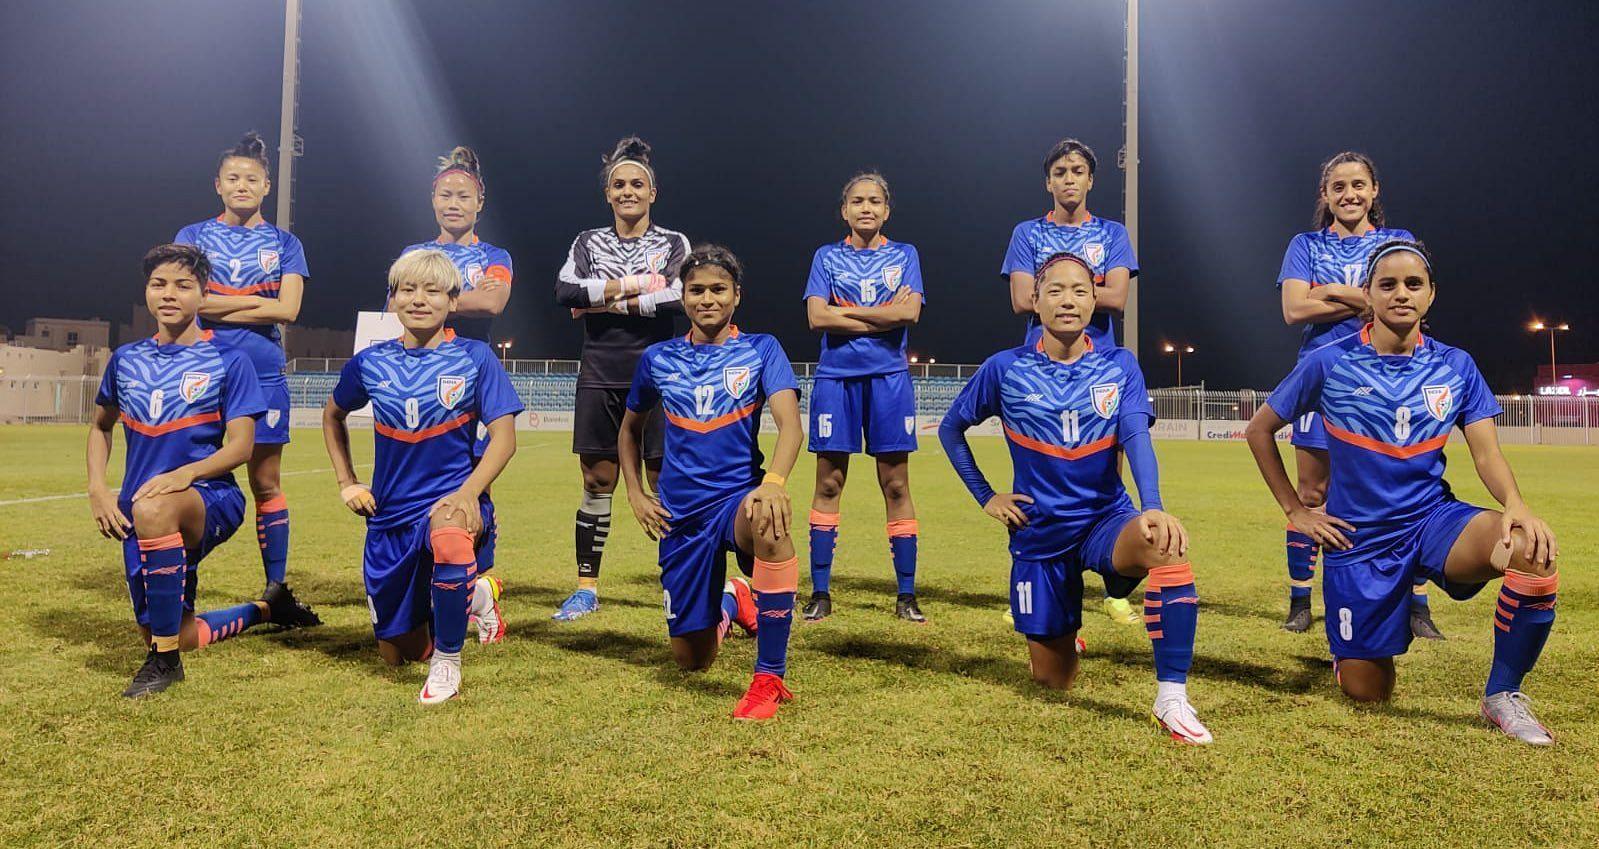 महिला फुटबॉल टीम ने ऊंची रैंकिंग वाली चीनी ताइपे को करारी शिकस्त दी।